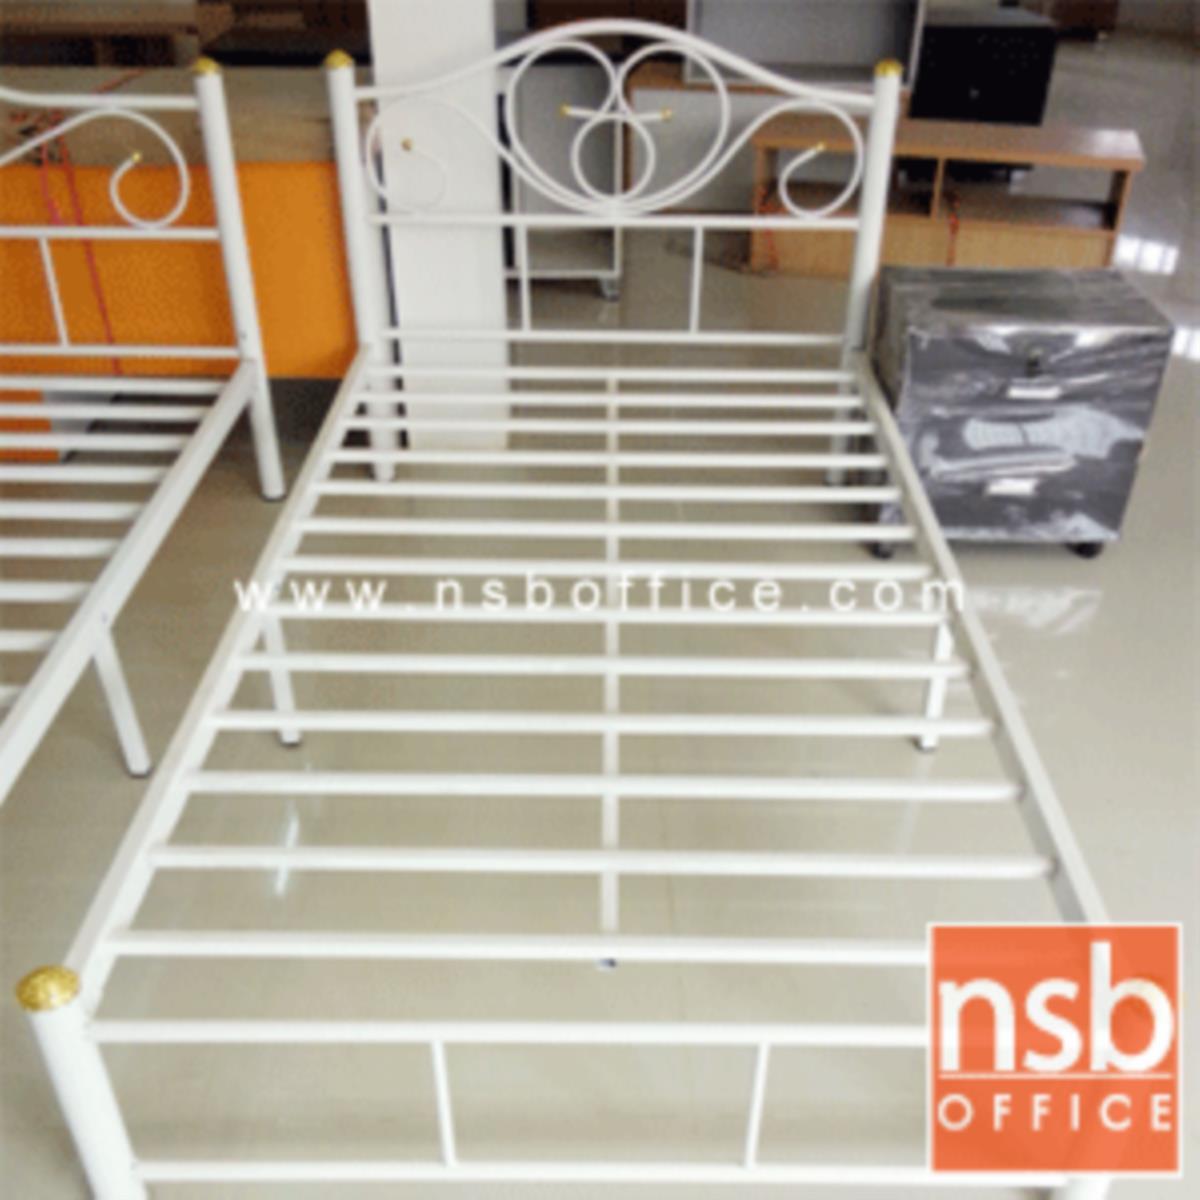 เตียงเหล็กชั้นเดียว 3 ฟุตครึ่ง รุ่นมาตรฐาน หนา 0.7 mm ขนาด 106.6W* 200D* 33H cm. สีดำ (ลายบัว)